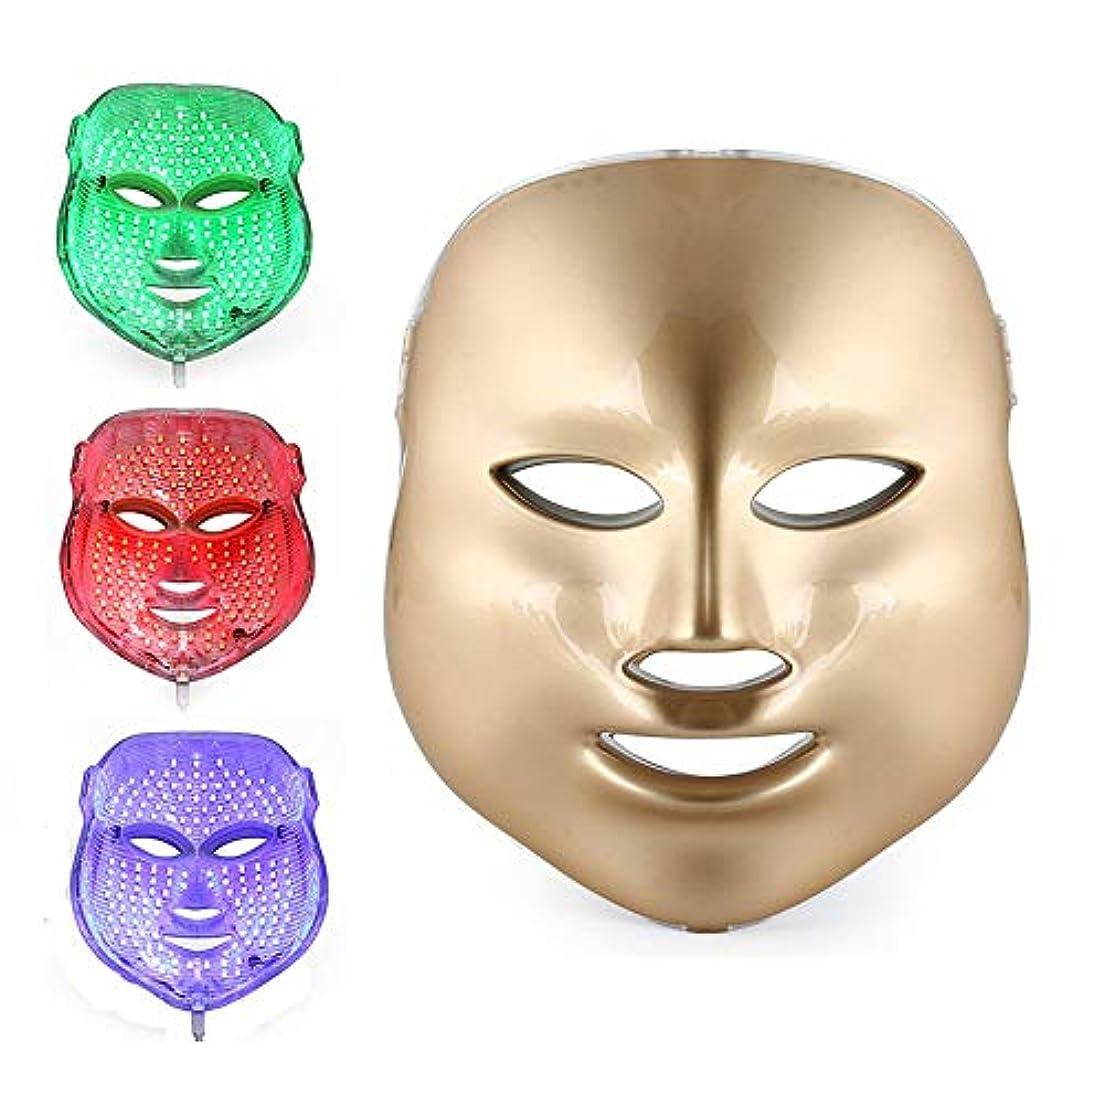 どれかアンカー世界の窓フォトンセラピー3色LEDマスクゴールドLEDライトセラピートリートメントフェイシャルビューティースキンケアにきびしわホワイトニング用フォトンセラピーマスク